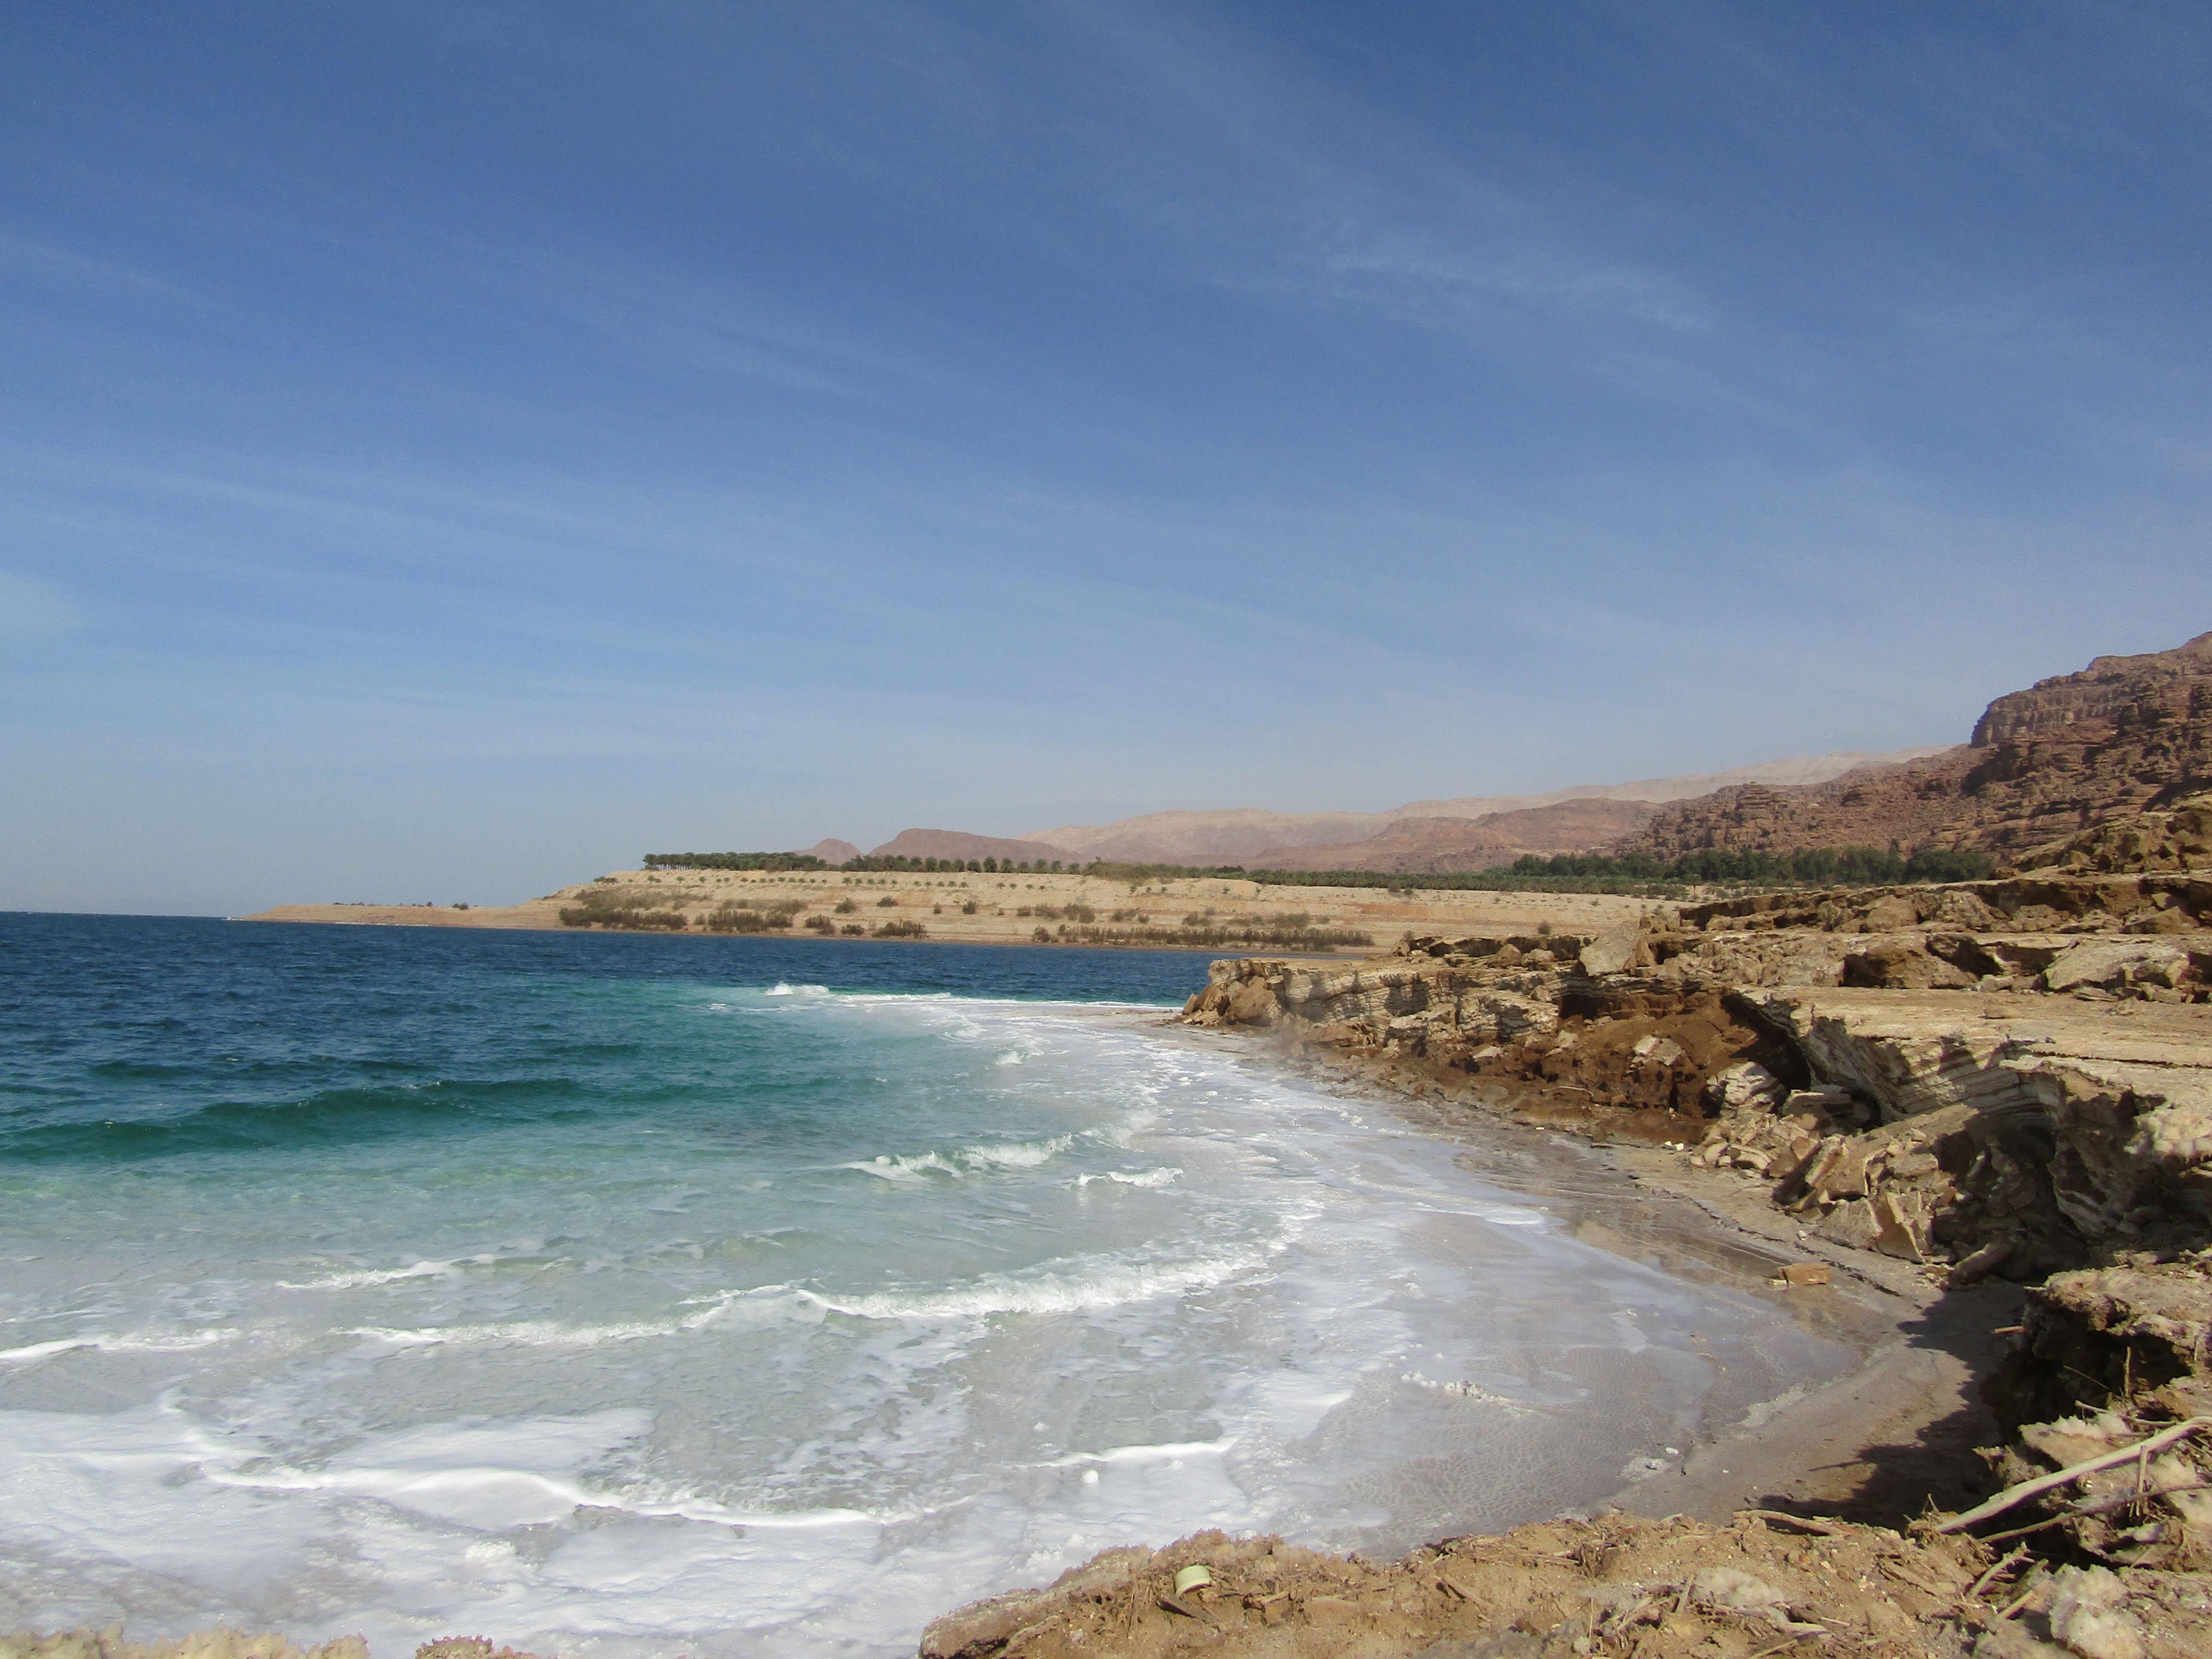 mar morto spiaggia libera